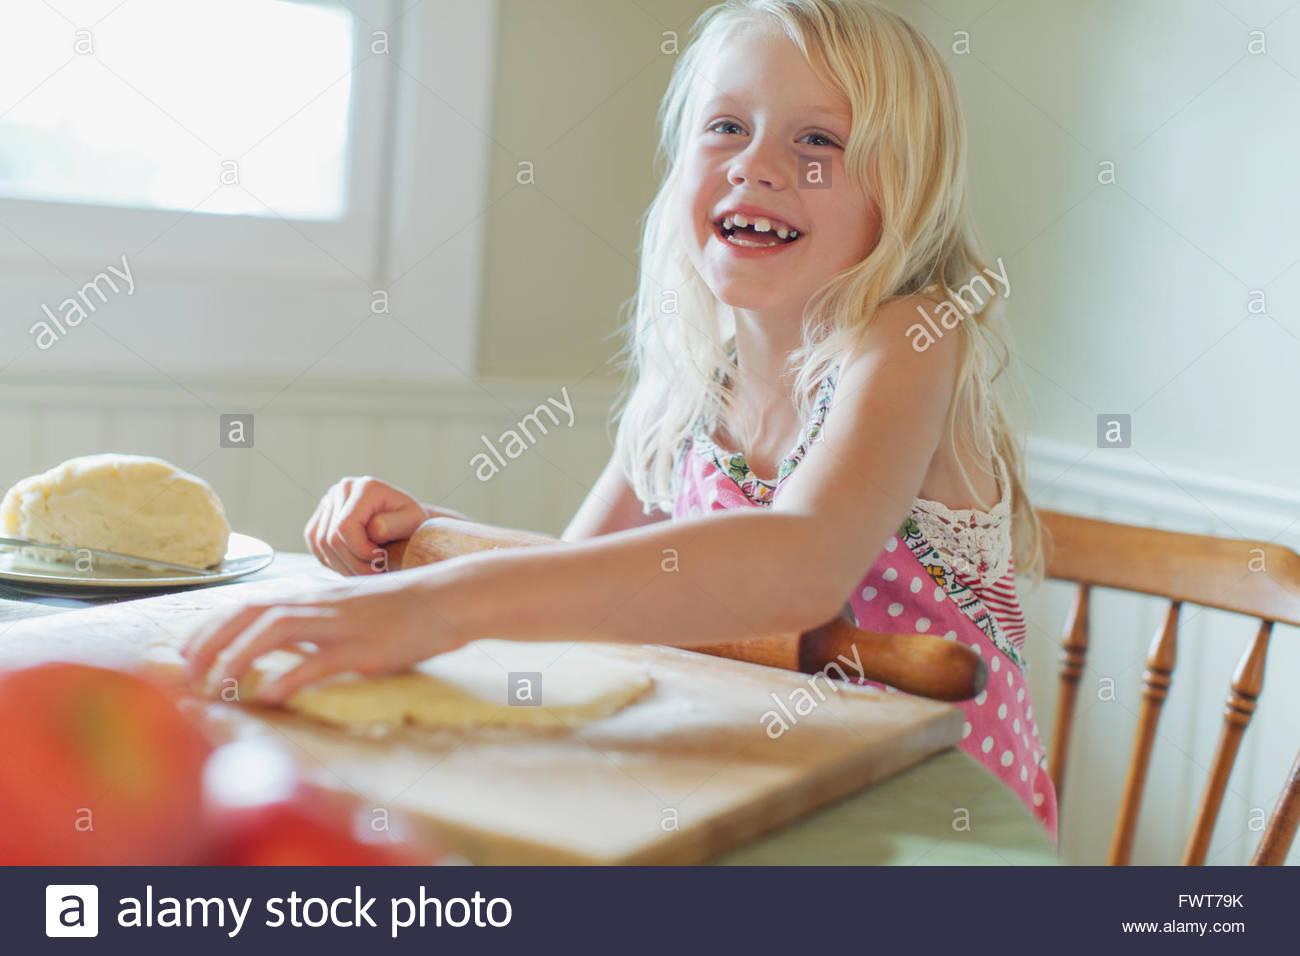 Ragazza giovane giocando con impasto di torta. Foto Stock